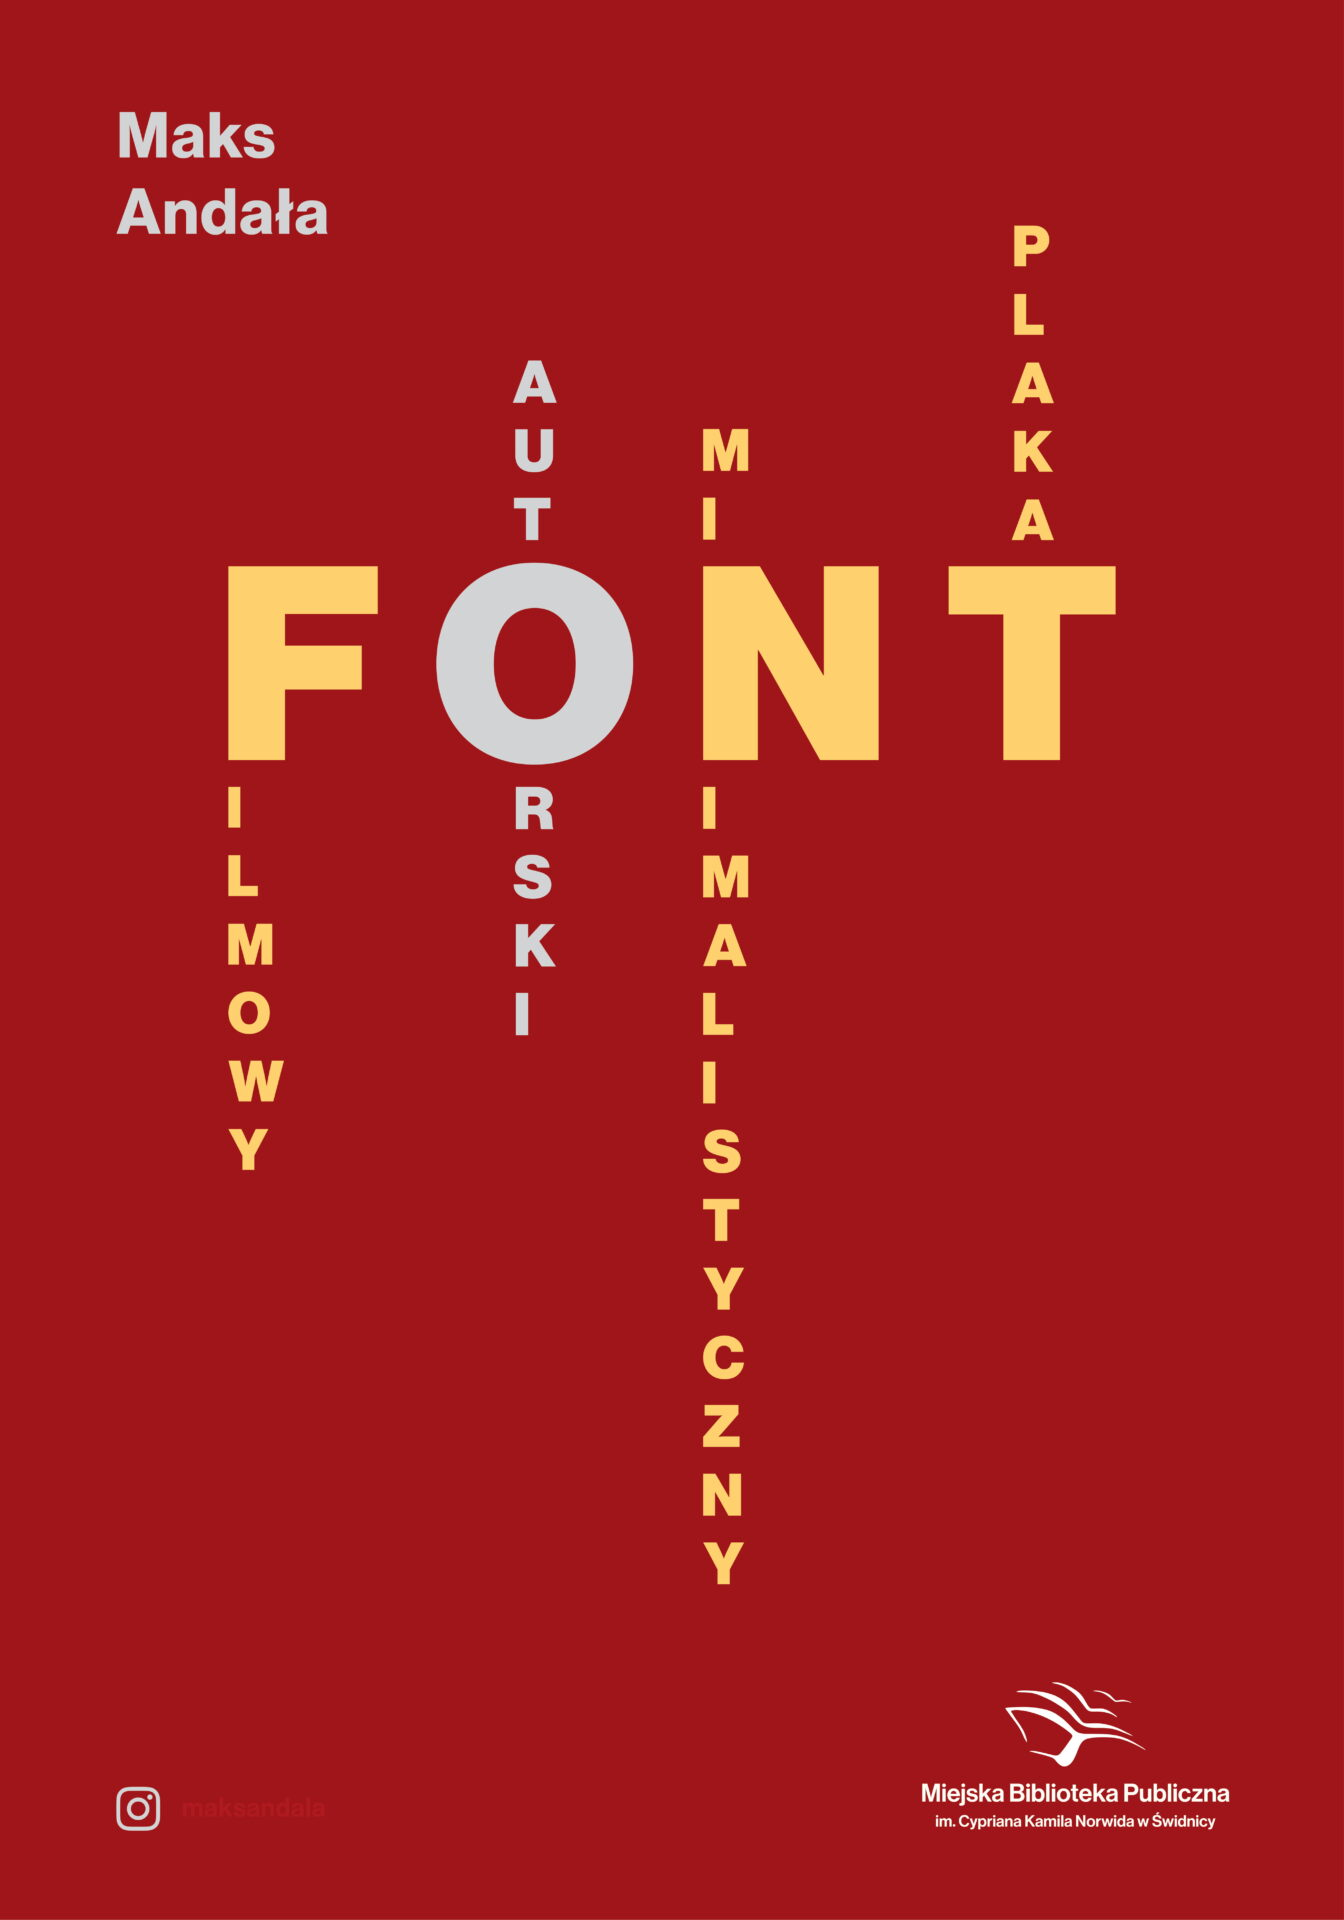 czerwony plakat z napisem FONT